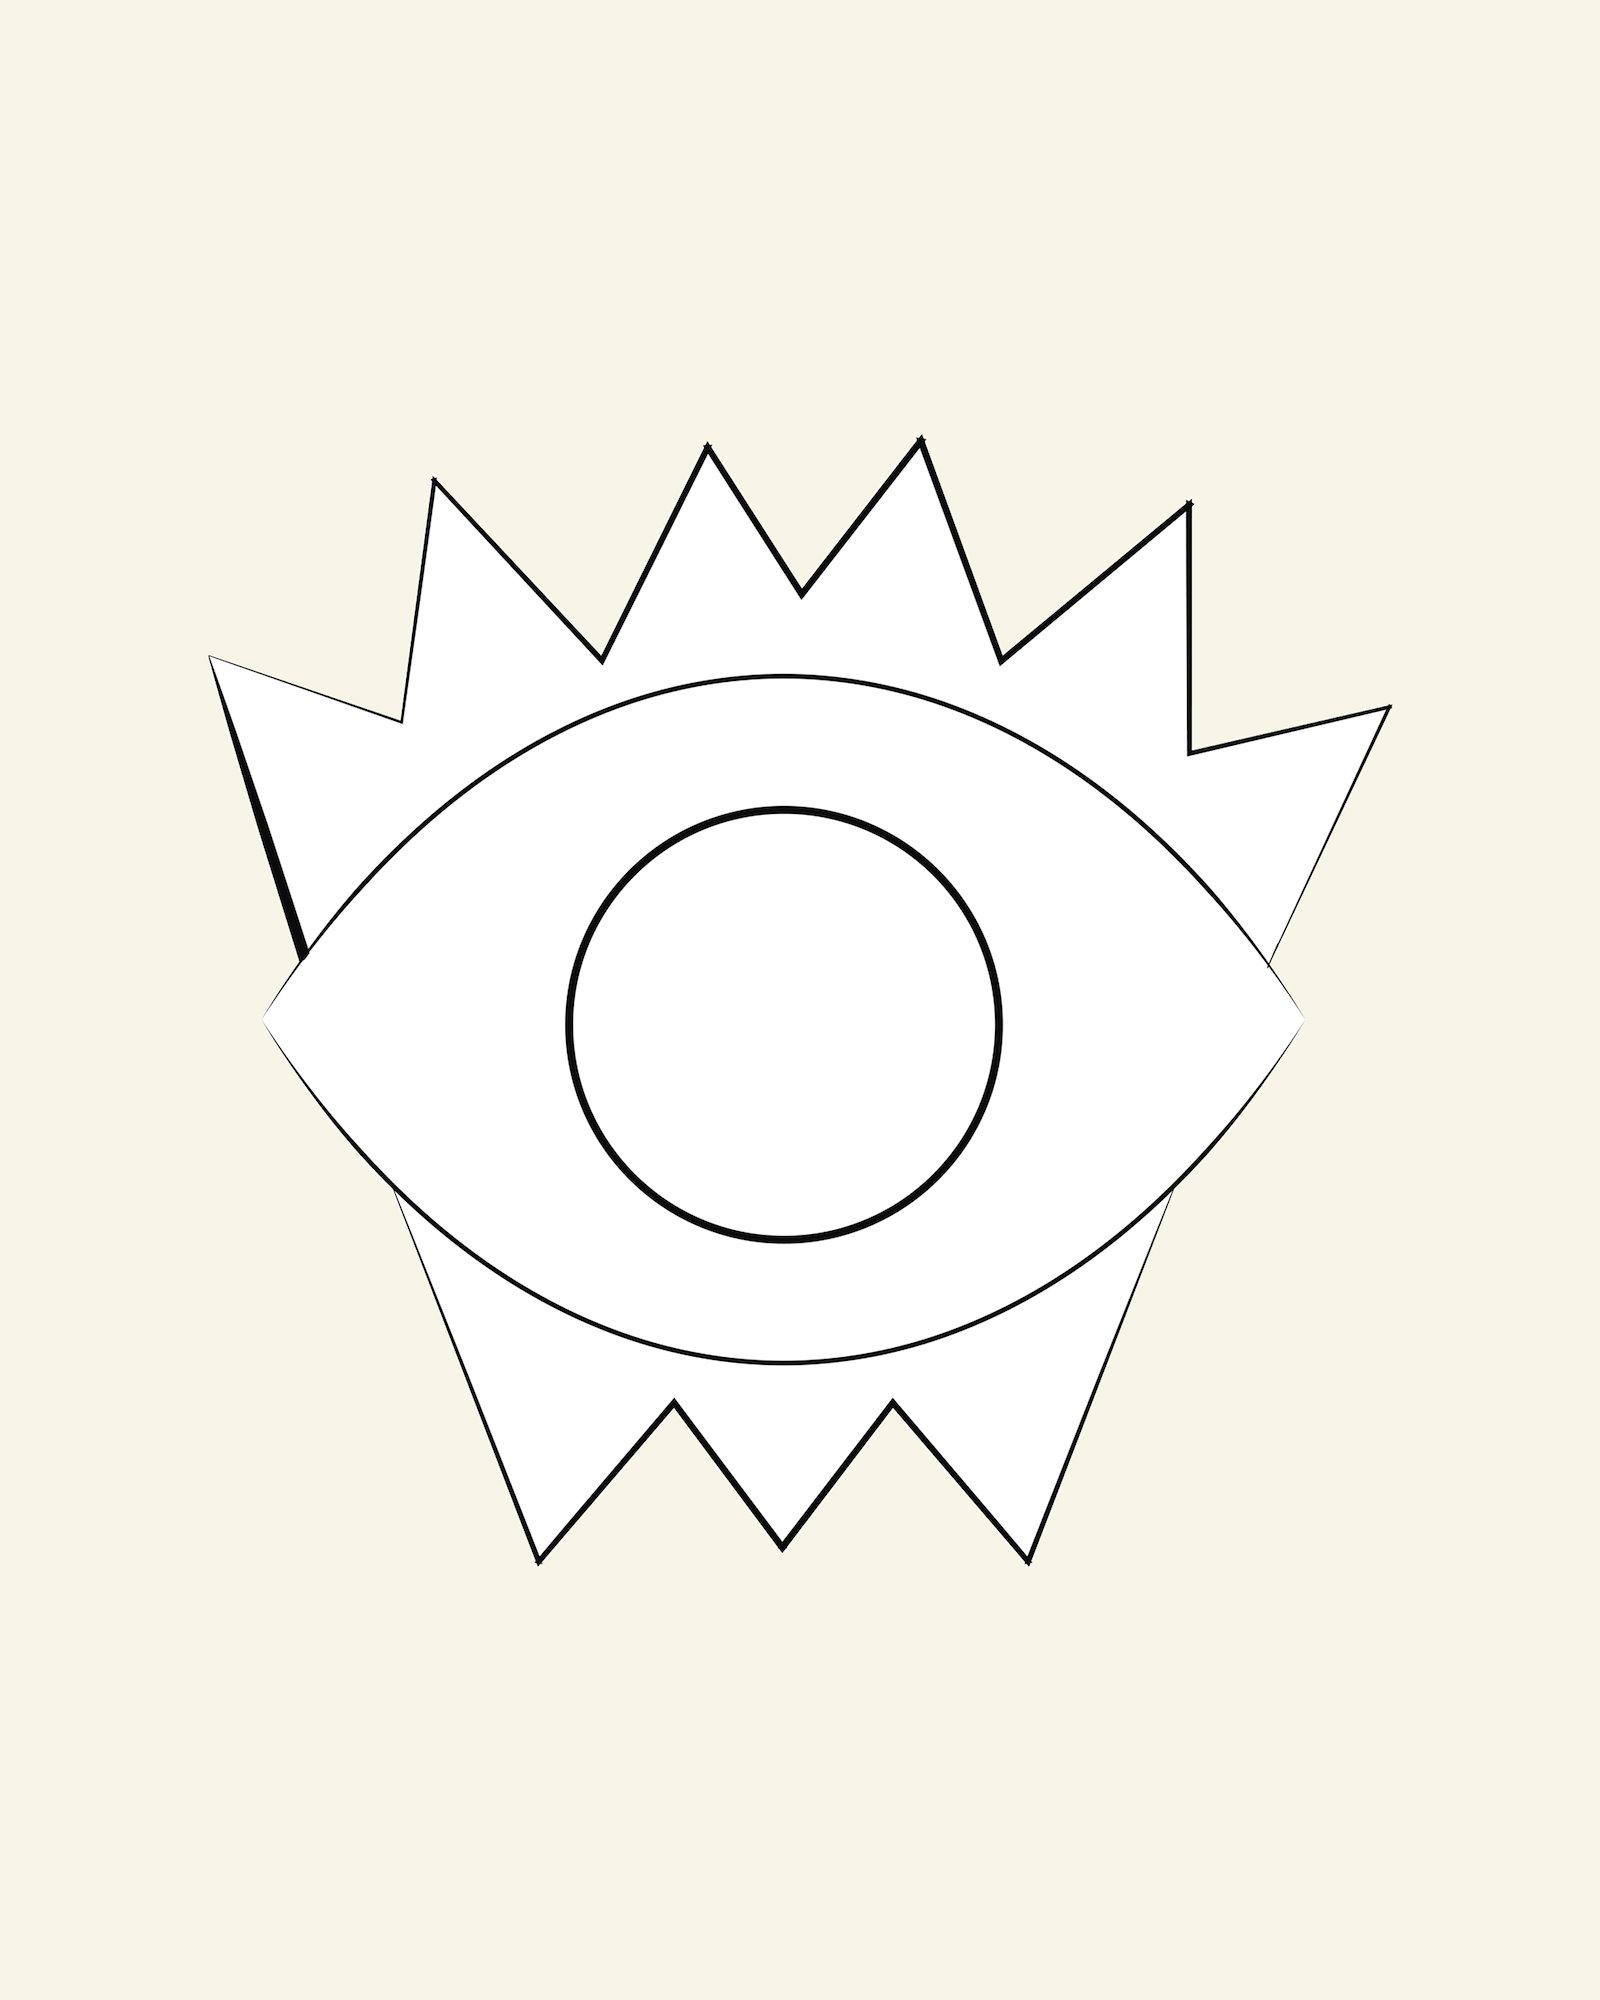 Punch needle eye